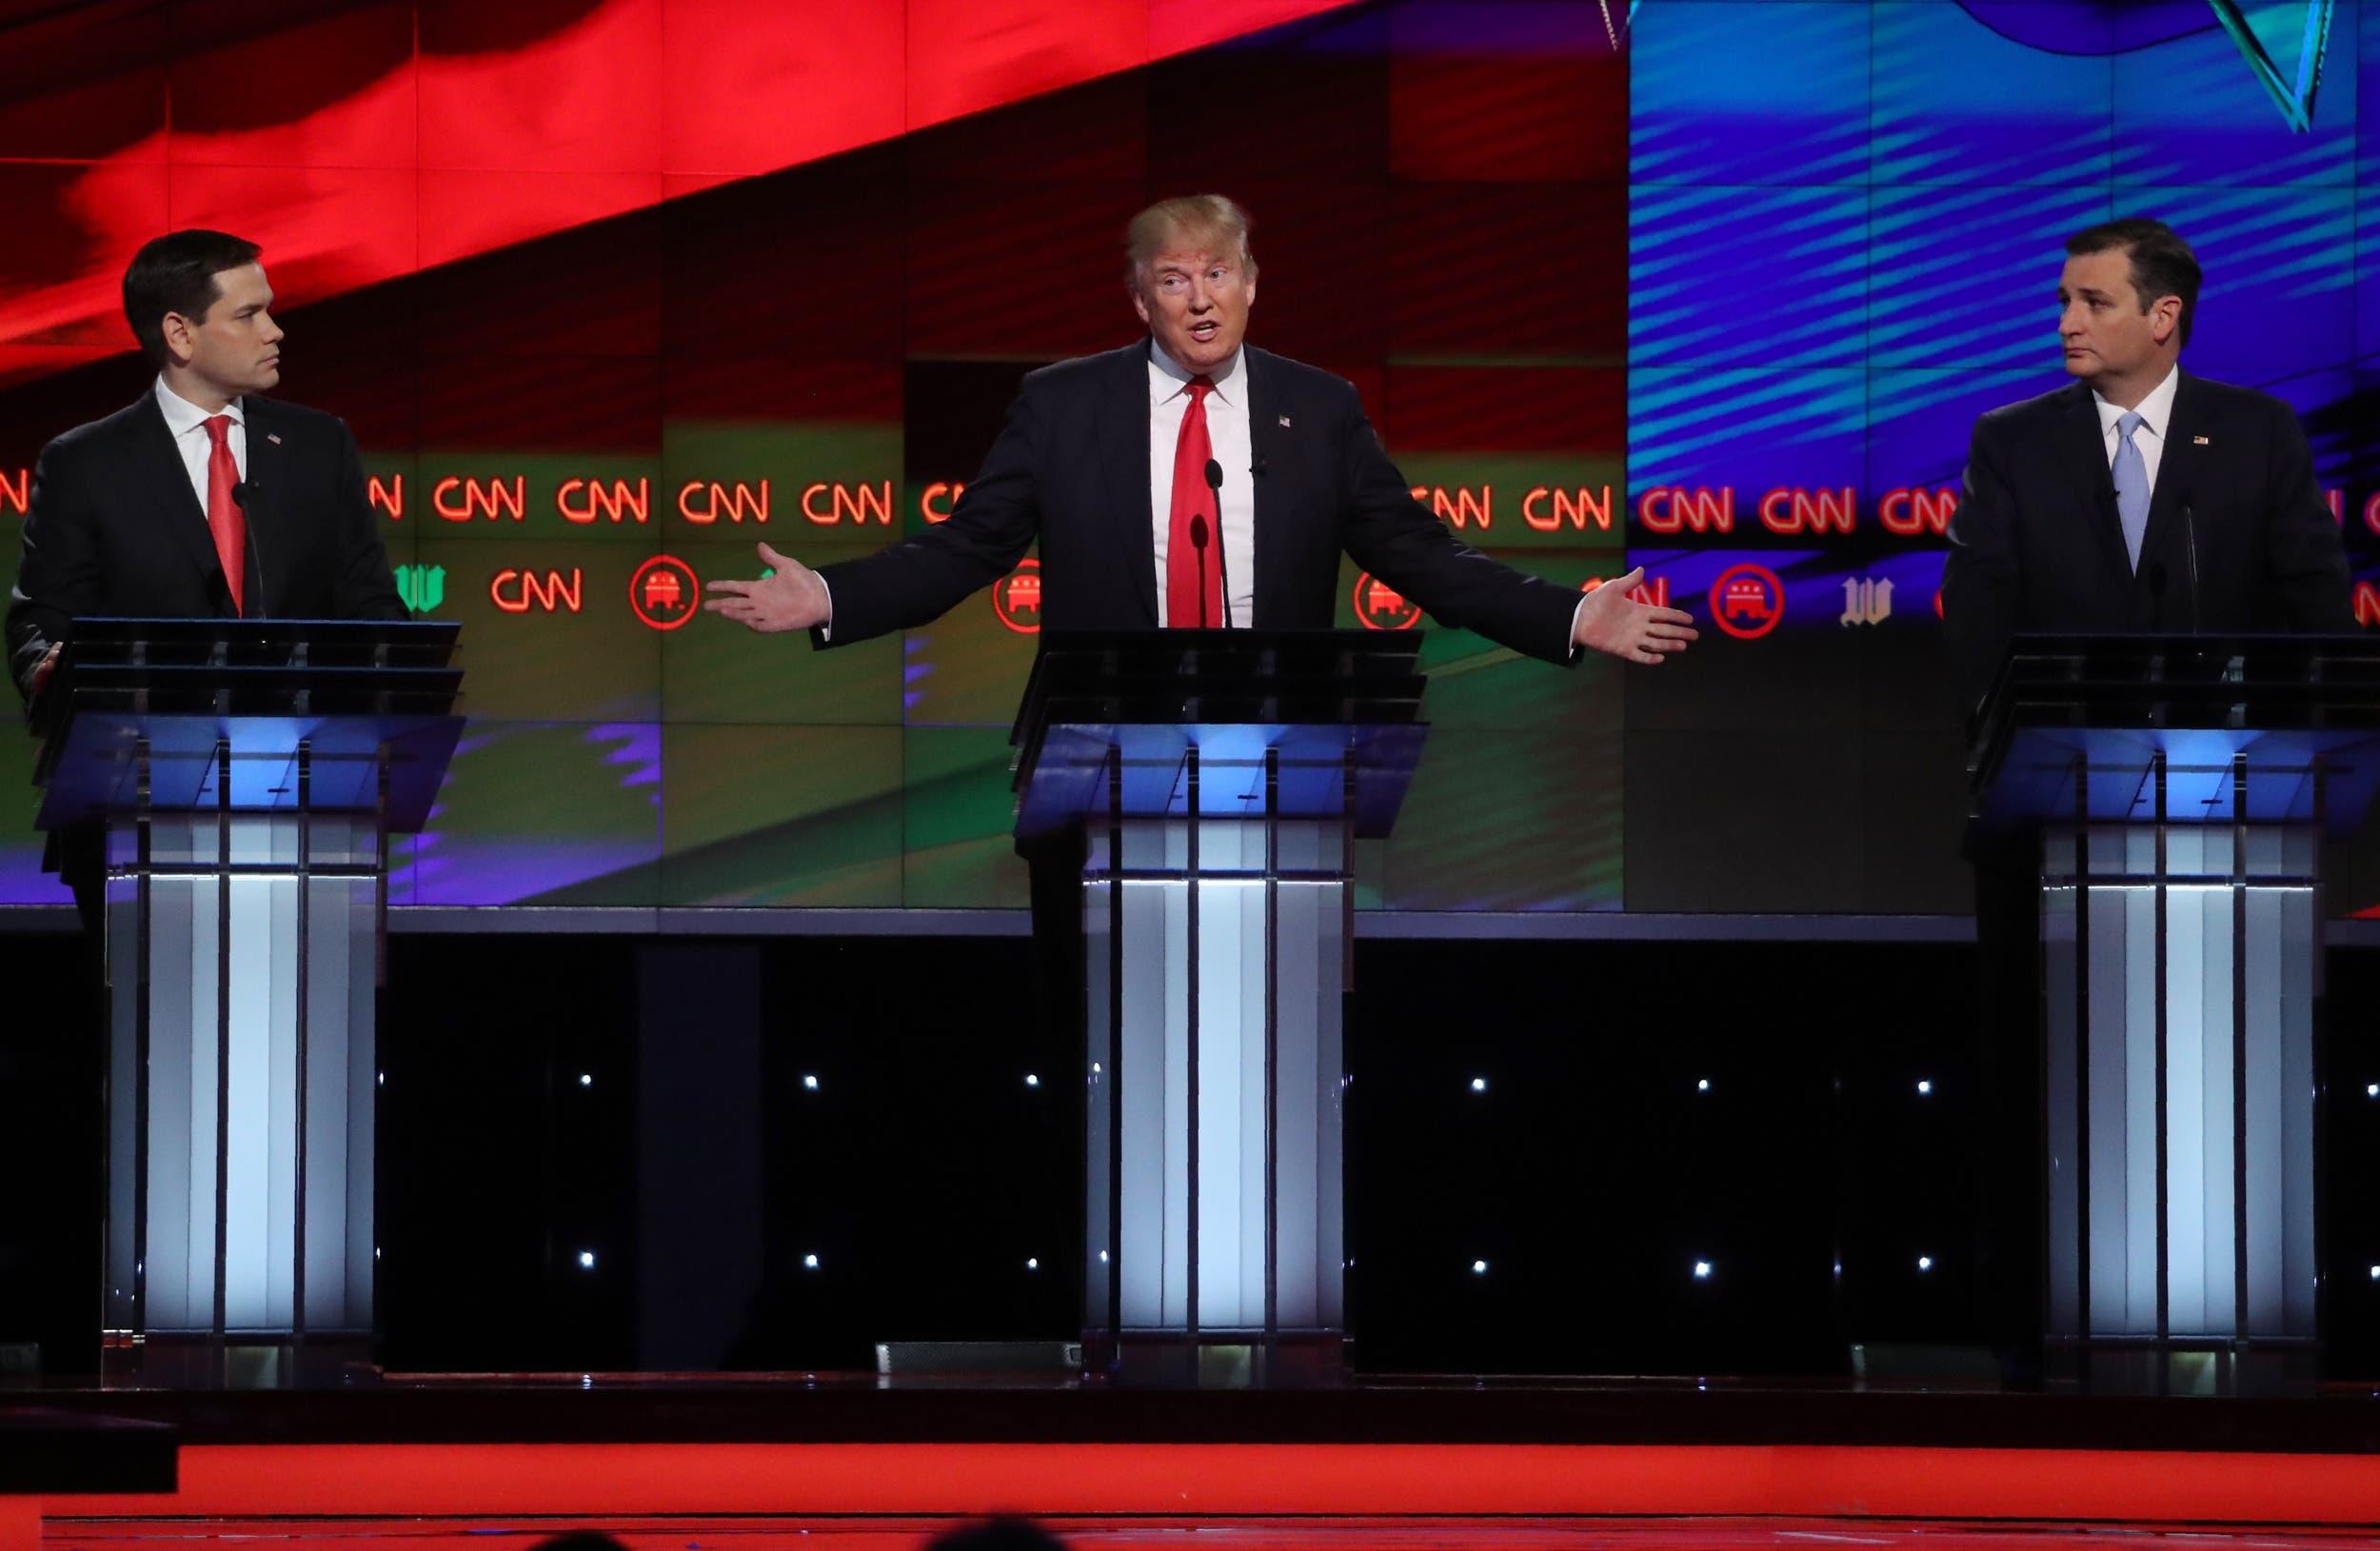 مناظرة جمعت بين المرشحين الجمهوريين تيد كروز ودونالد ترامب وماركو روبيو